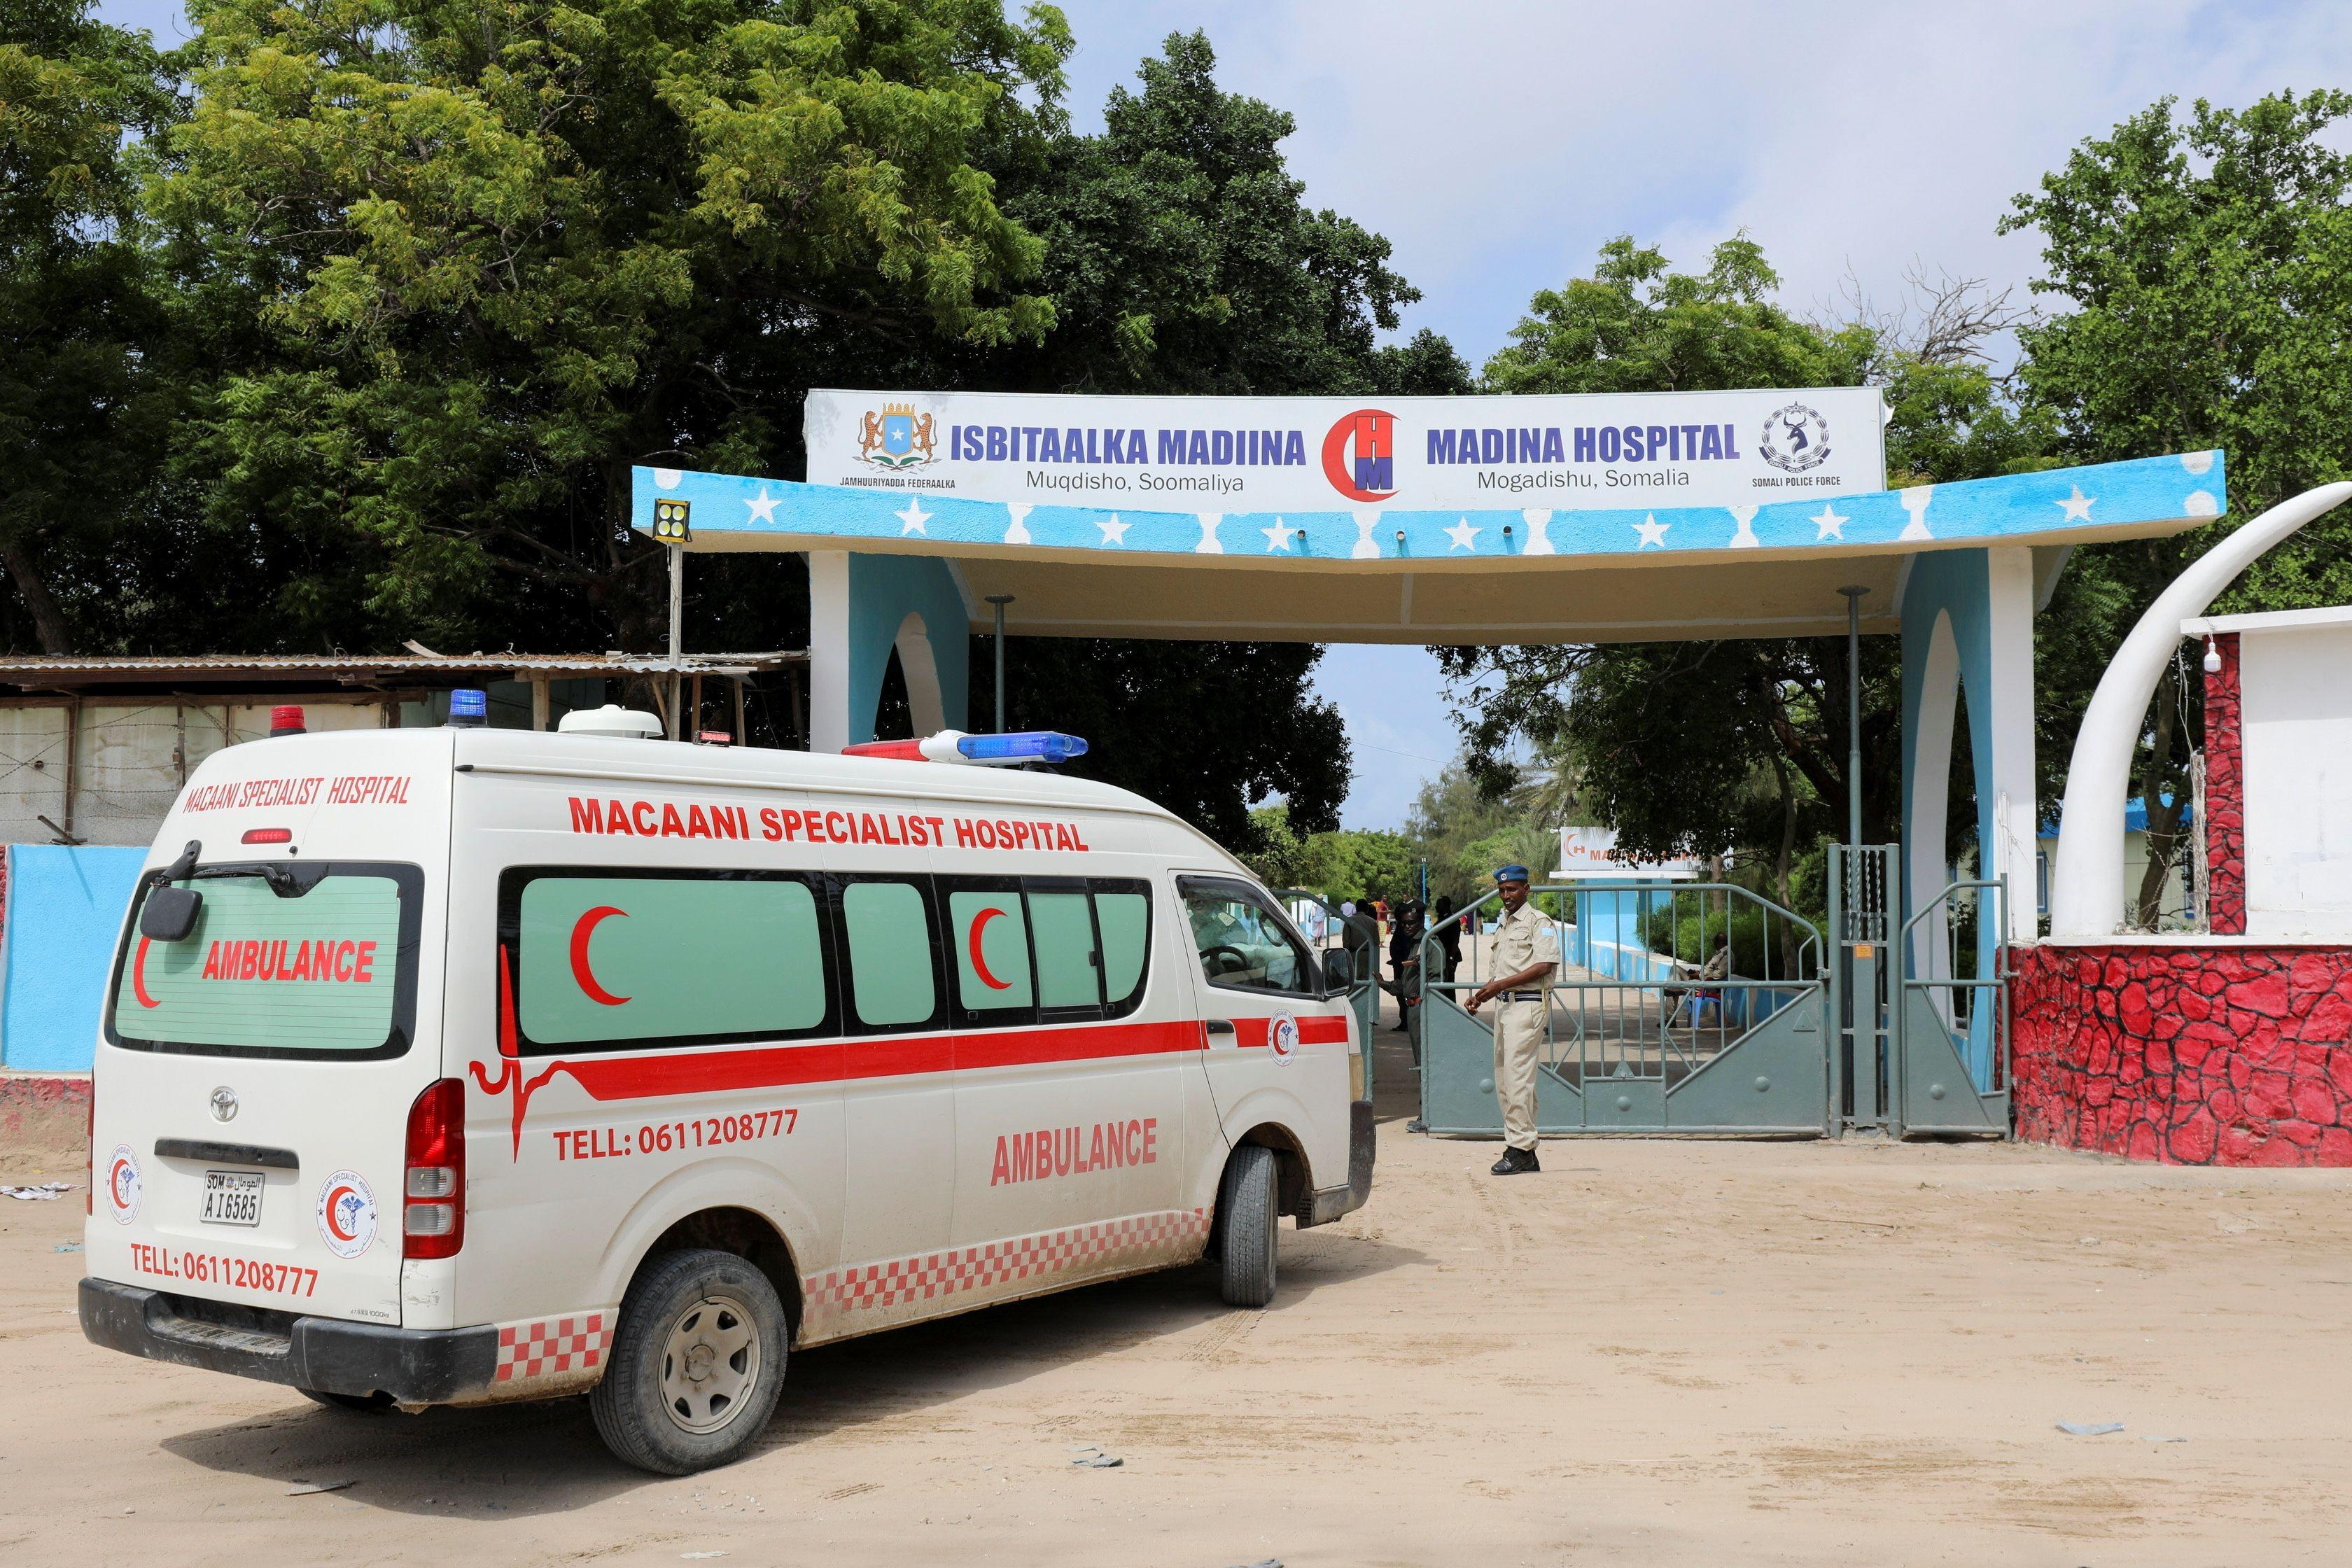 Atentado suicida contra base militar deixa 15 mortos na Somália